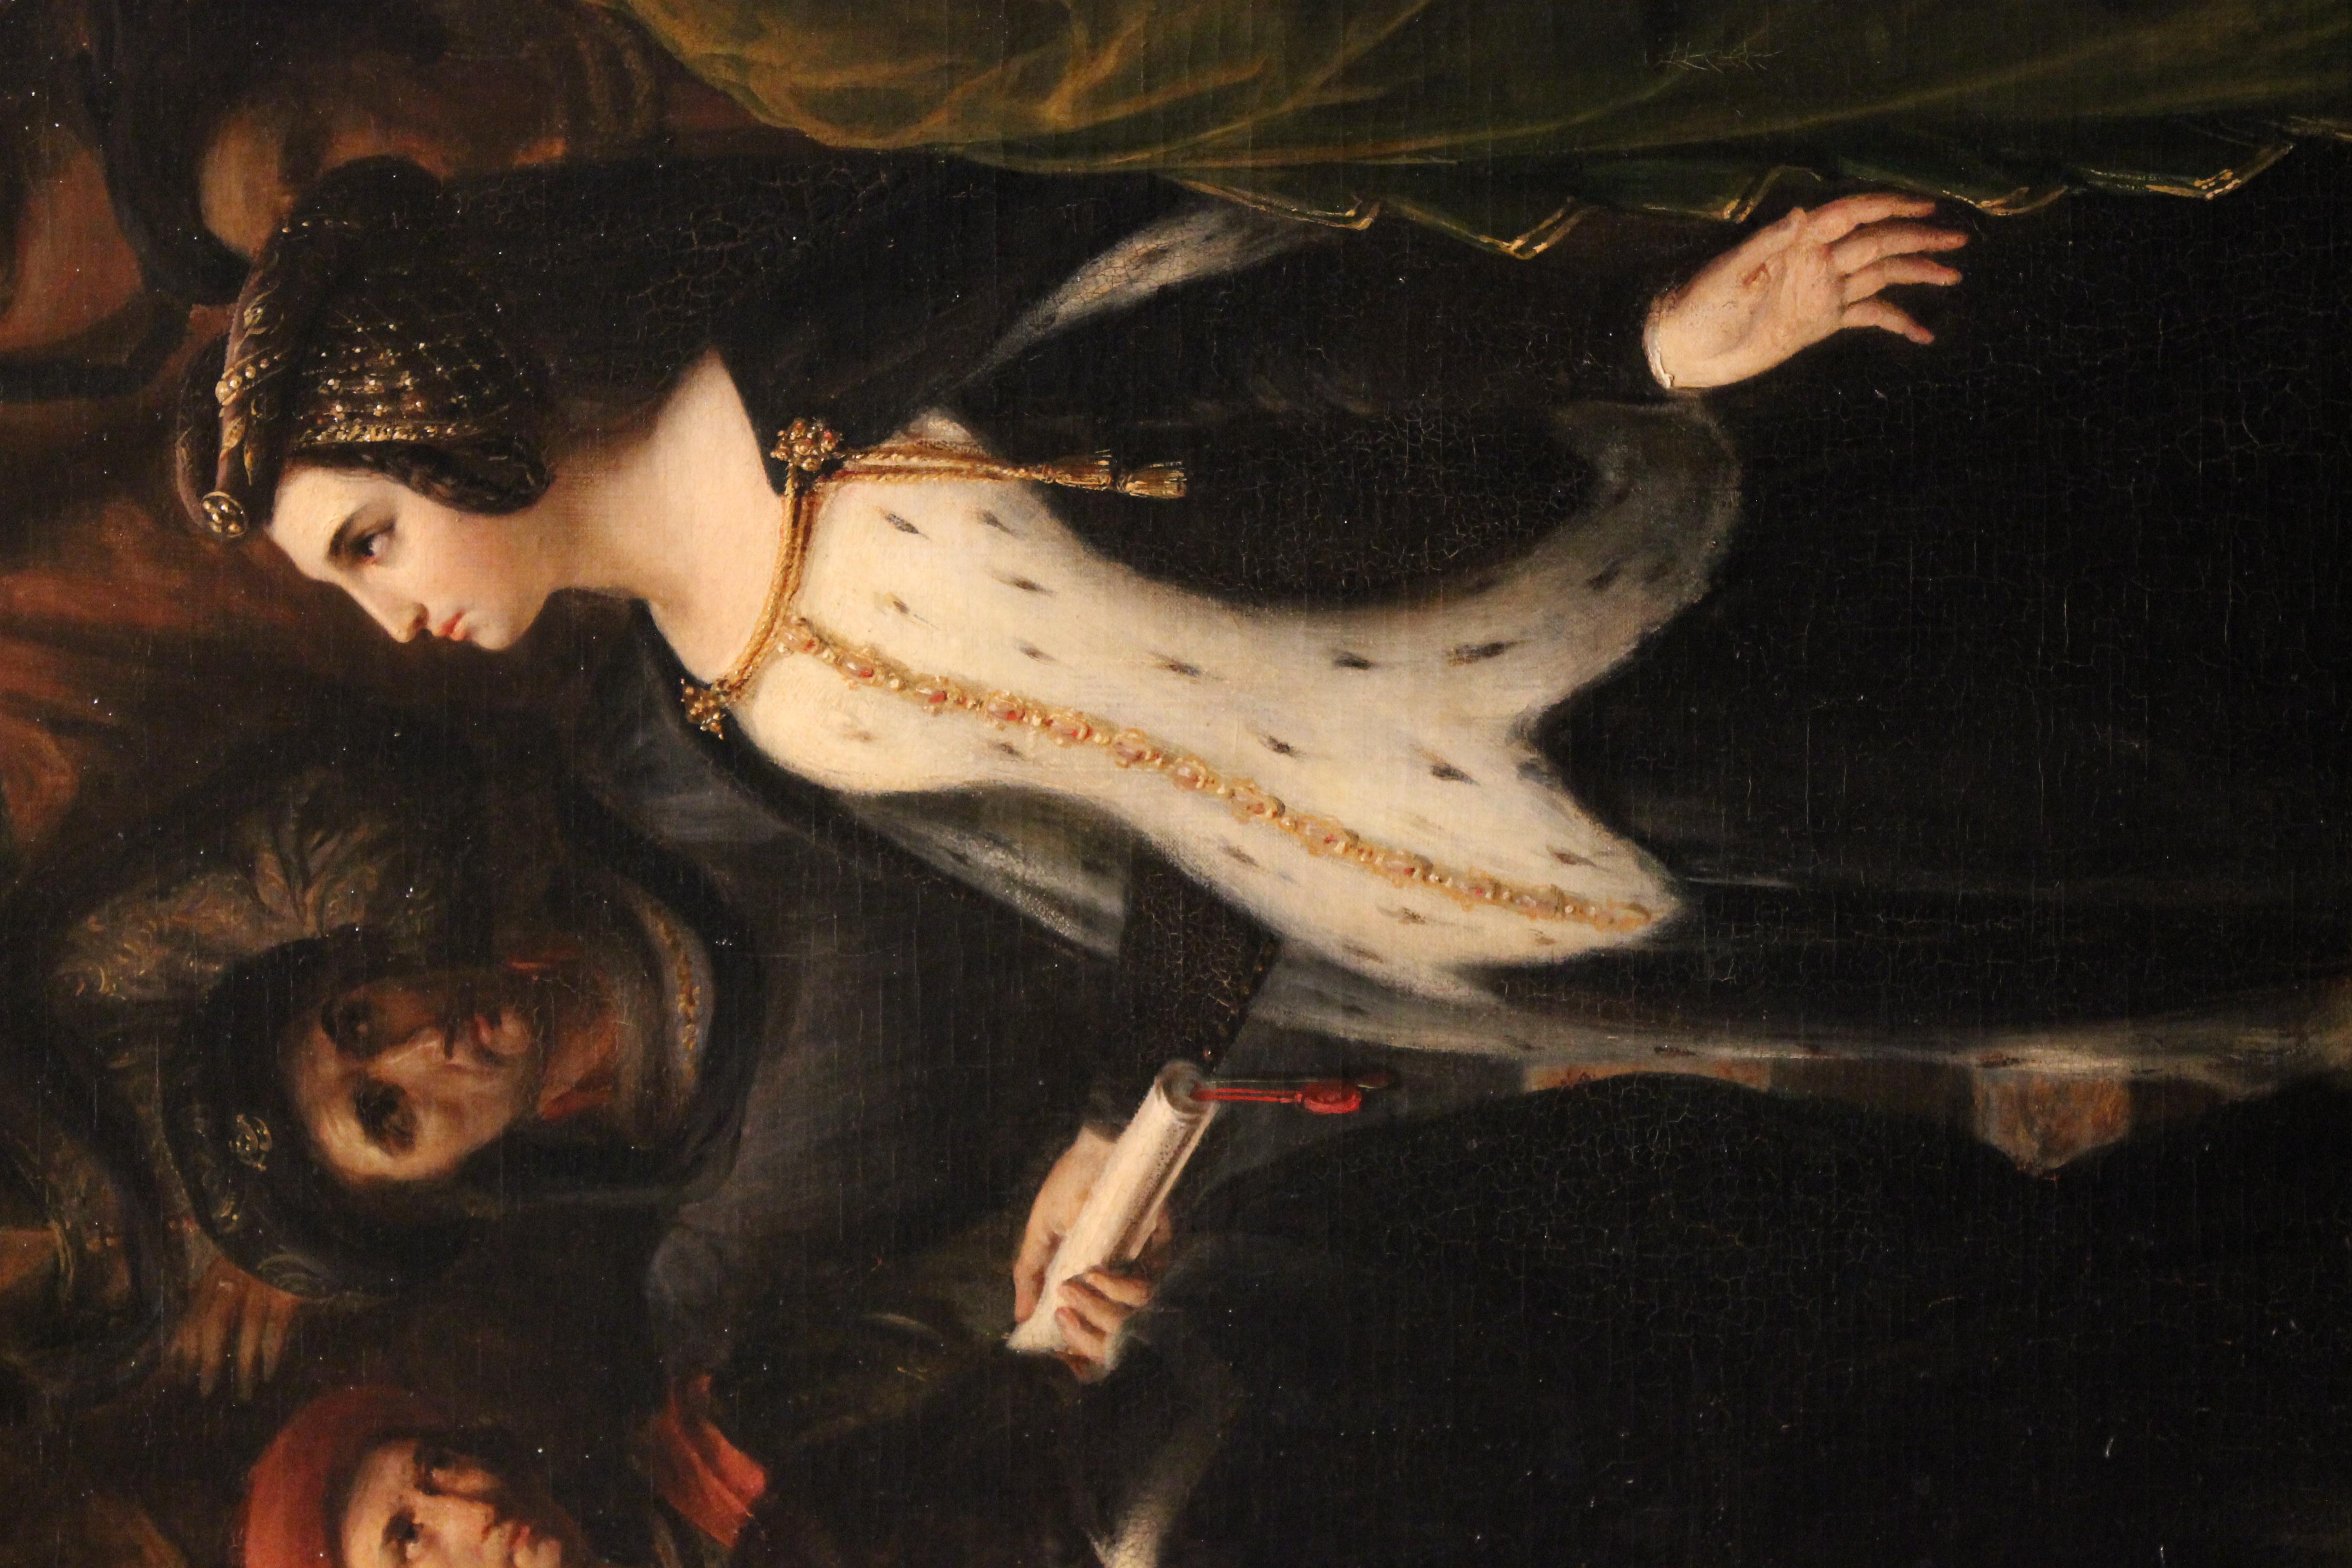 file valentine de milan implore la justice du roi charles vi pour l assassinat du duc d orleans alexandre colin mba lyon 2014 detail 2 jpg wikimedia commons